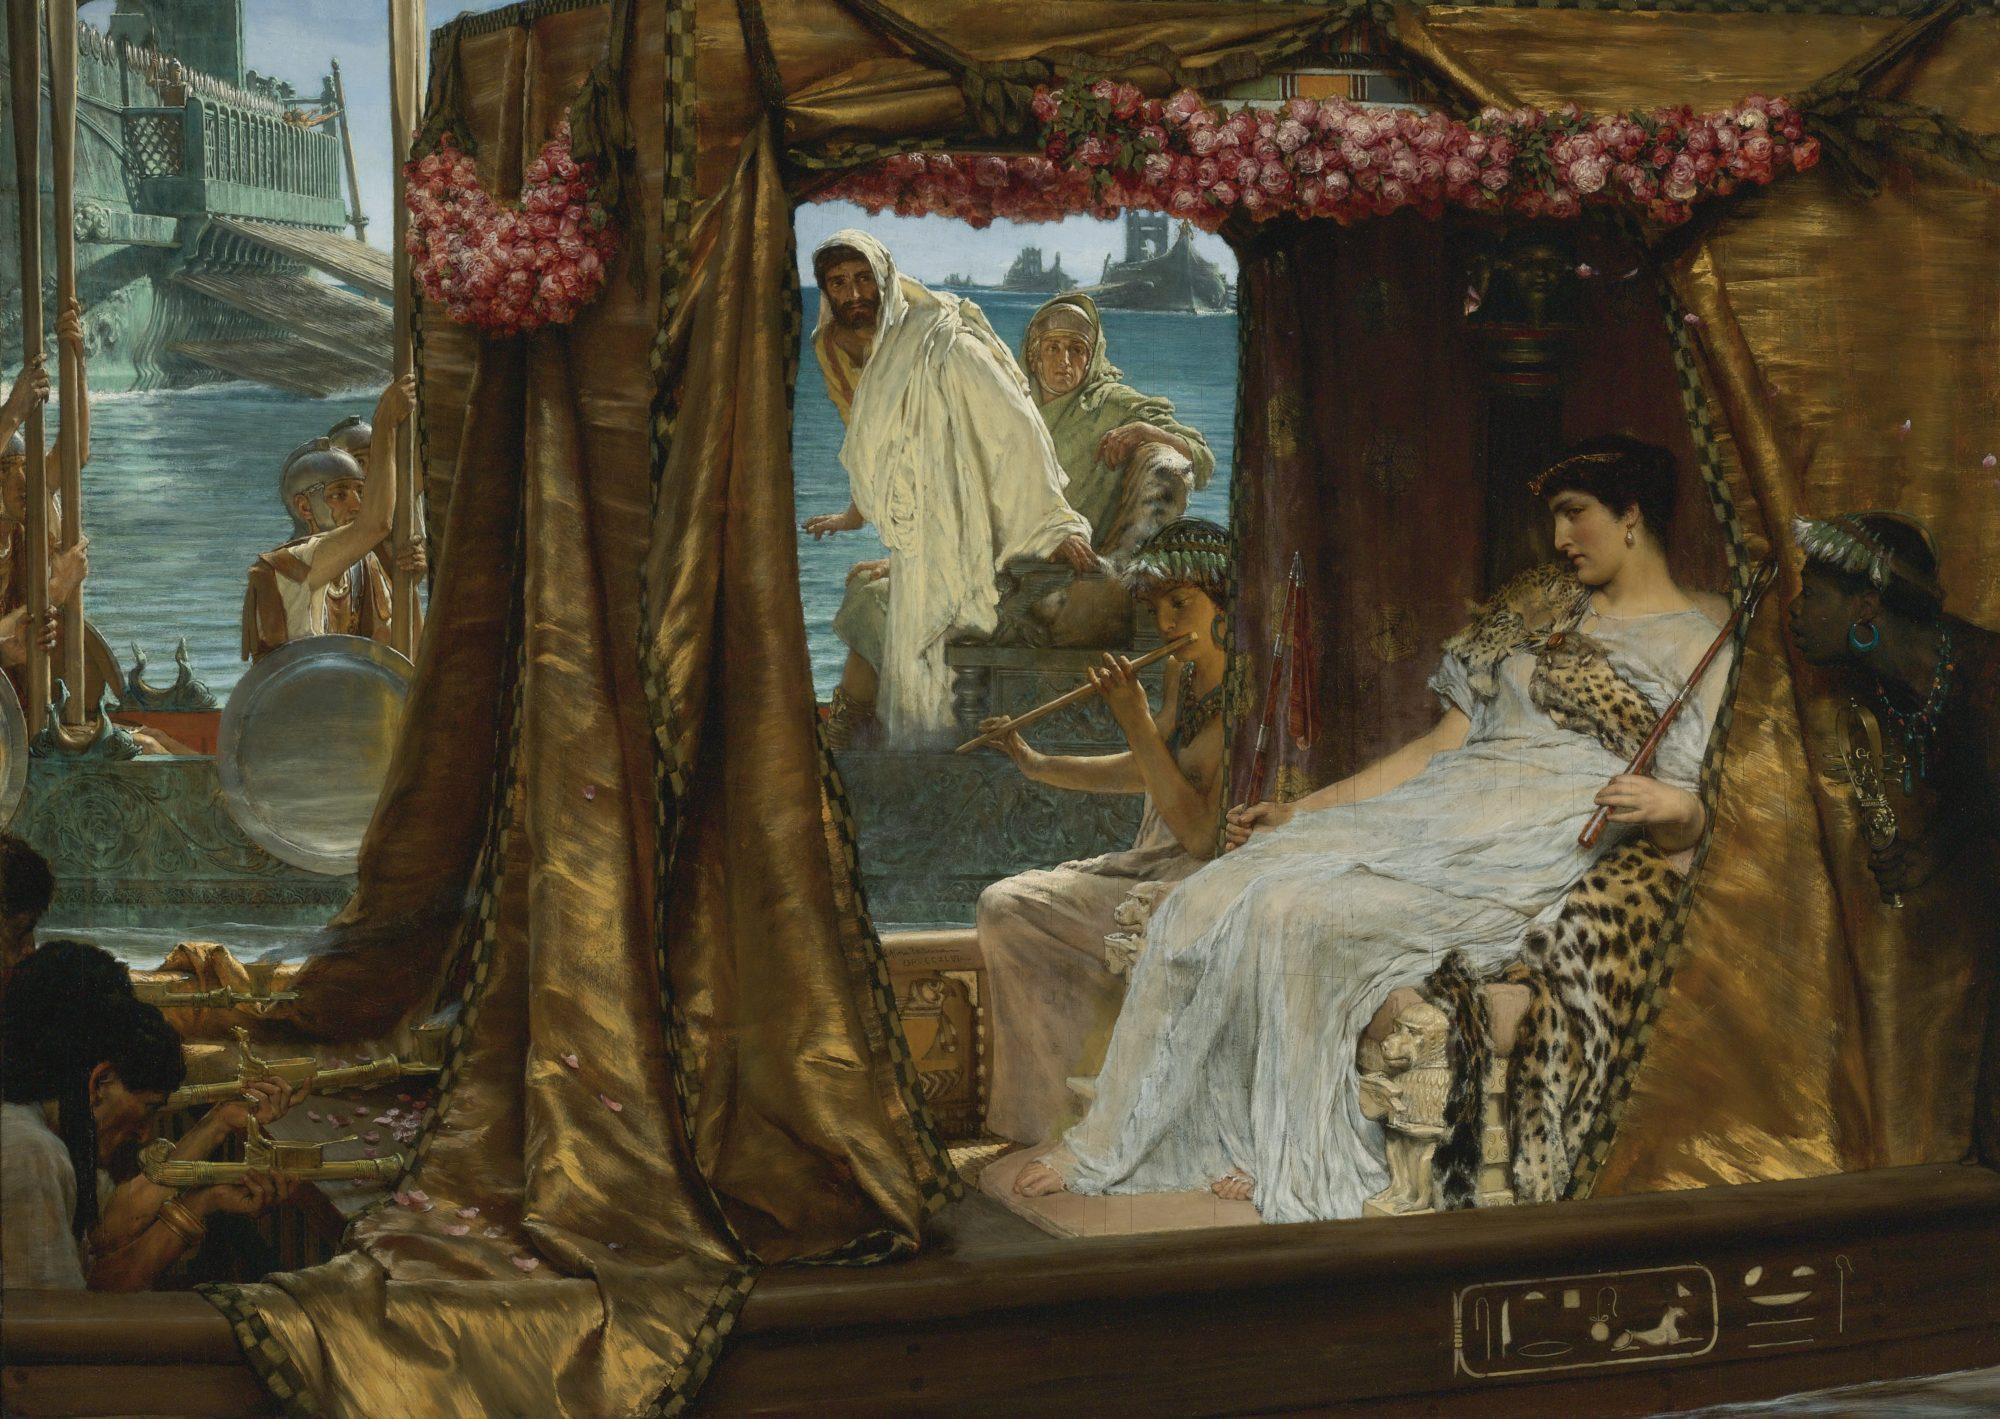 Царица отдыхает в покоях